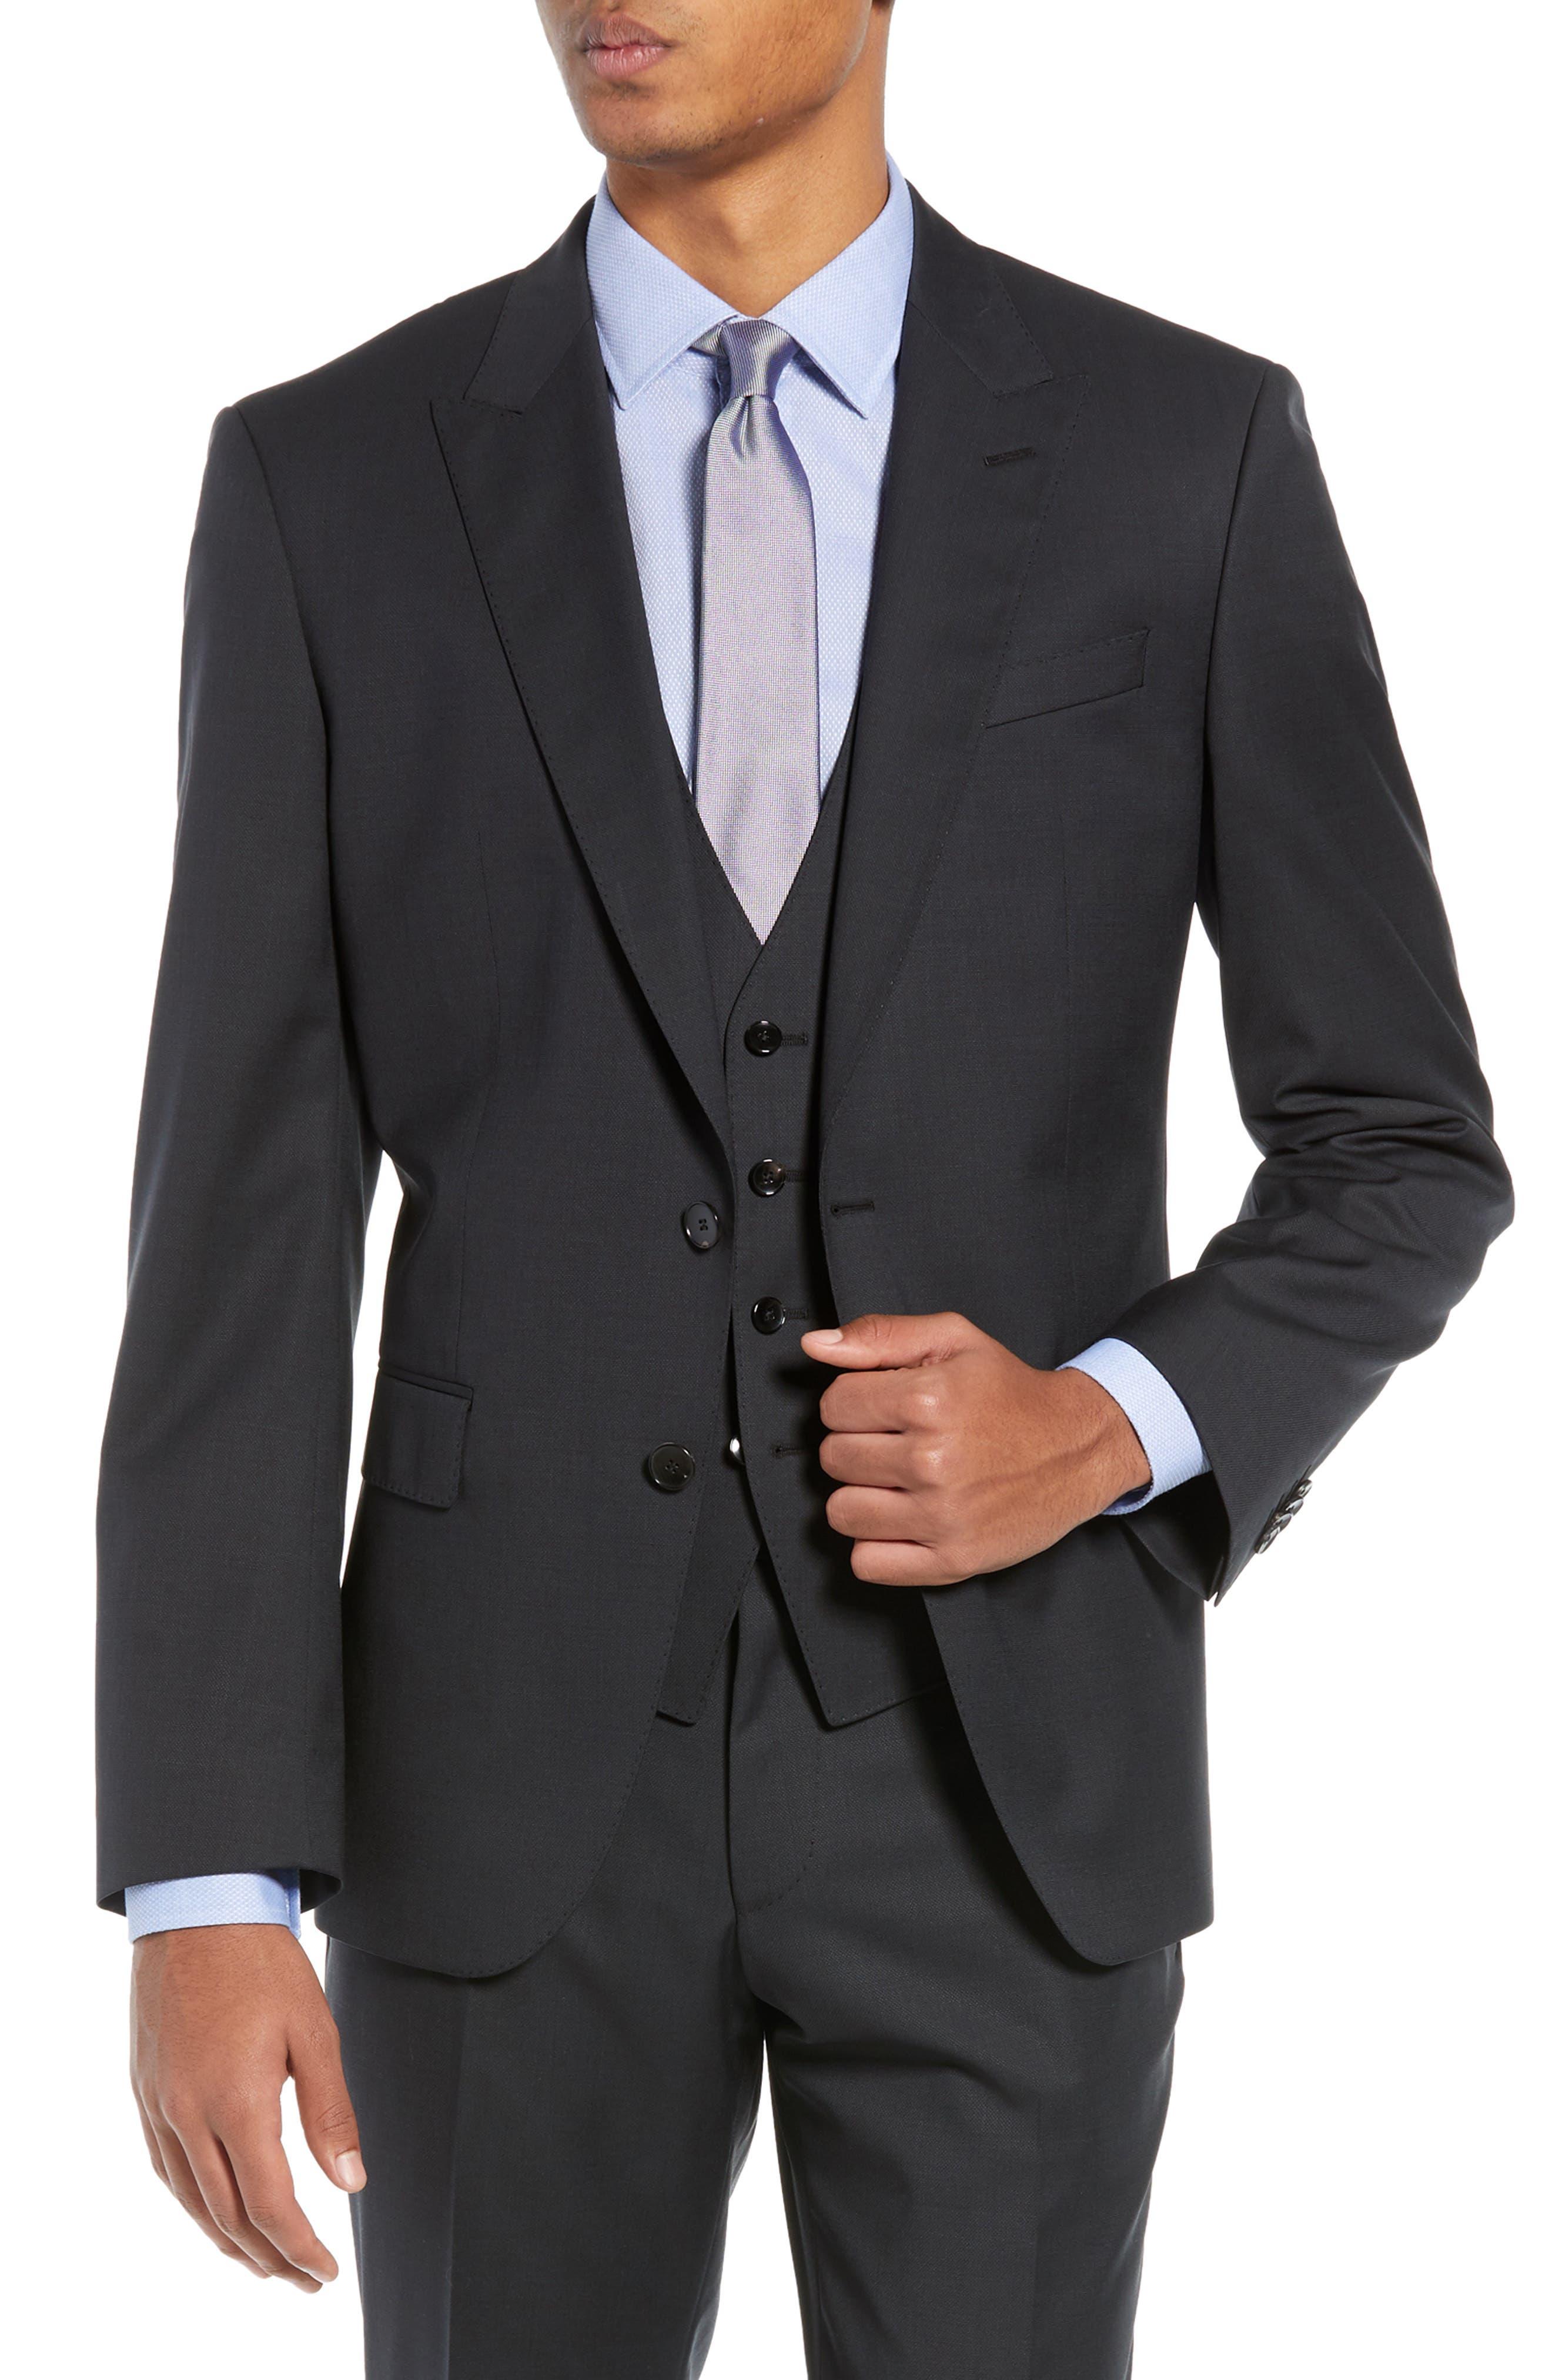 BOSS,                             Helward/Genius Trim Fit Solid Three Piece Wool Suit,                             Alternate thumbnail 6, color,                             DARK GREY